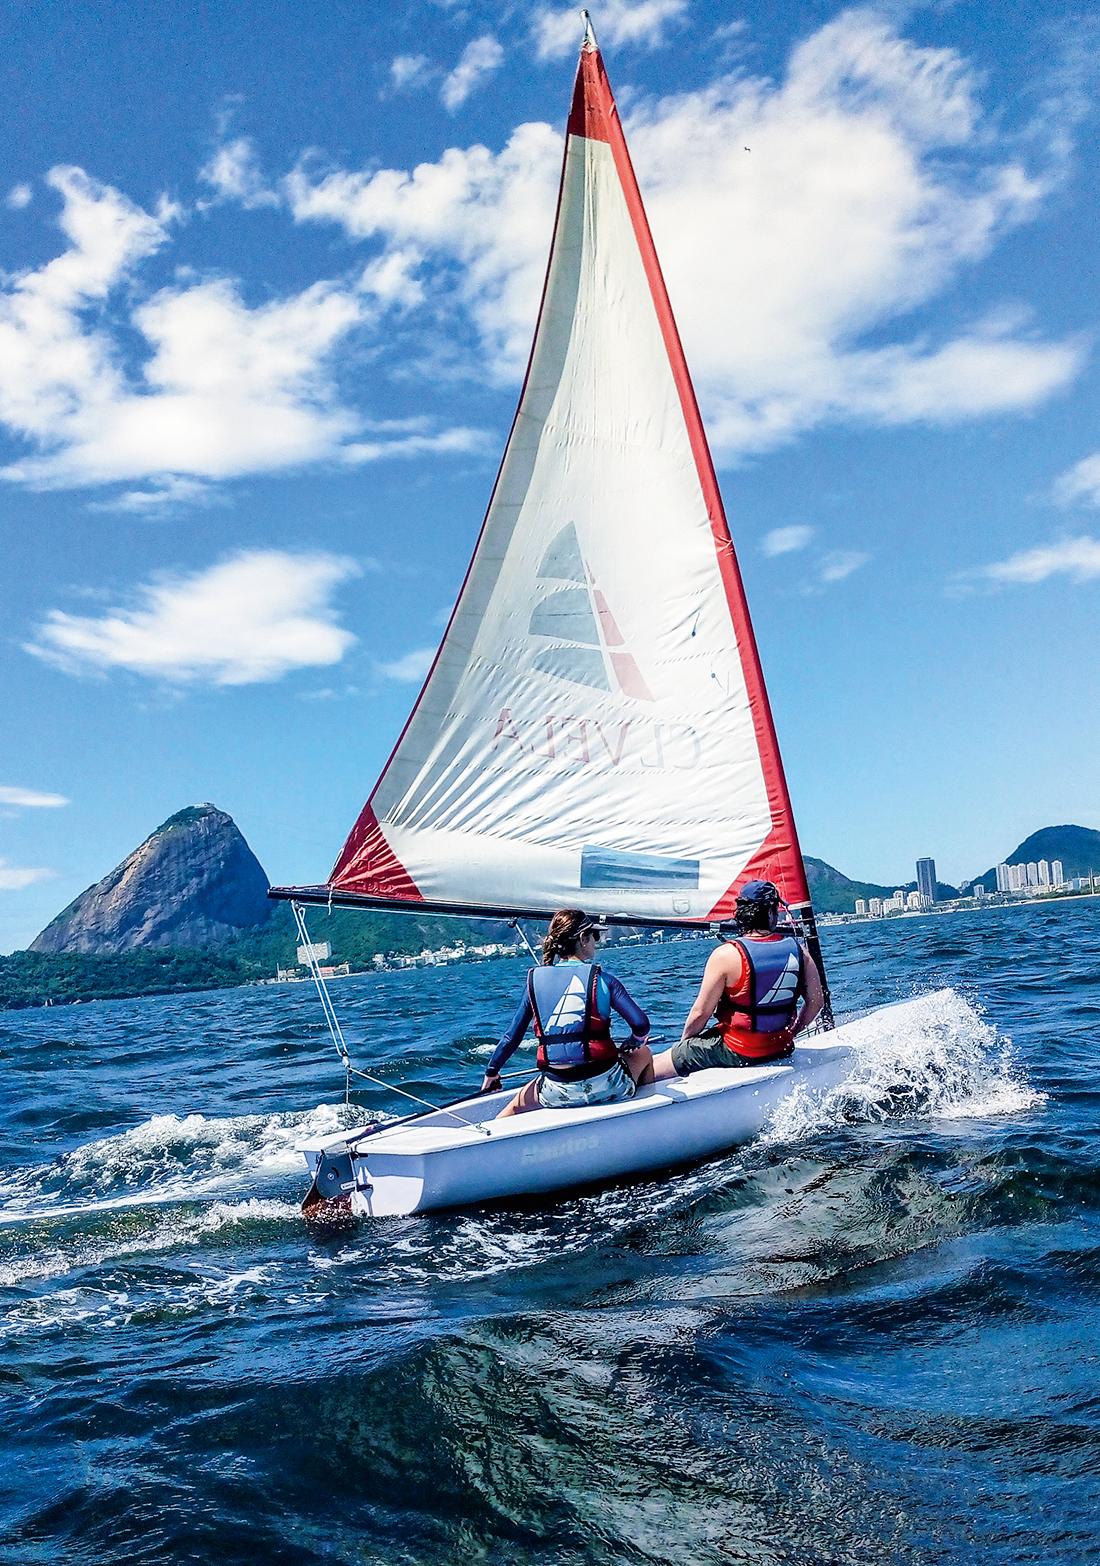 A imagem mostra duas pessoa num dingue, barco a vela, nas águas da Baía de Guanabara